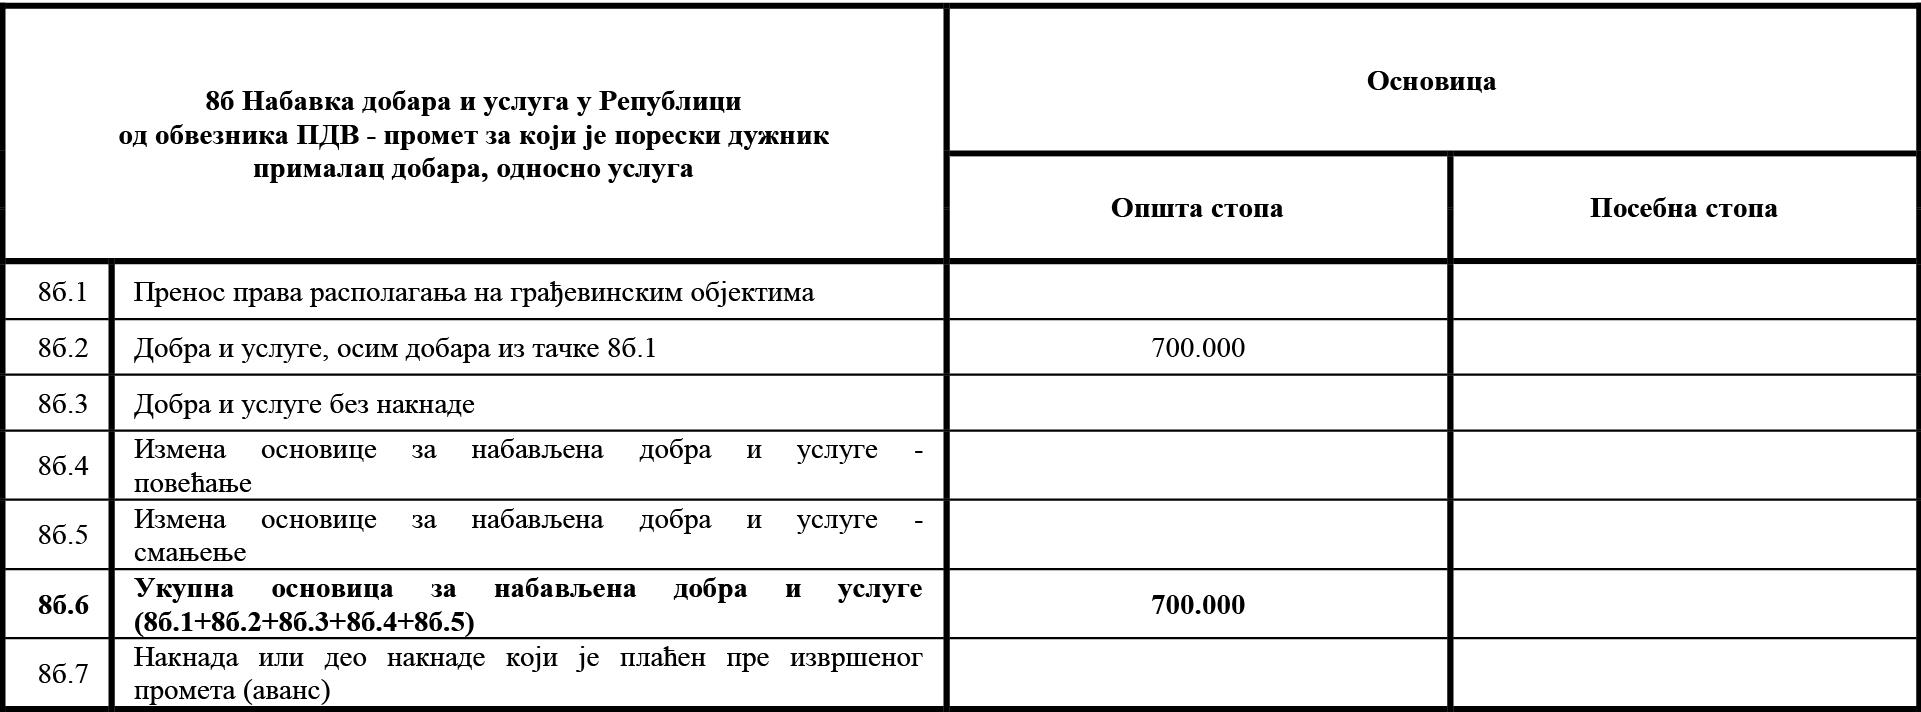 uputstvo PU obrazac POPDV primer 97